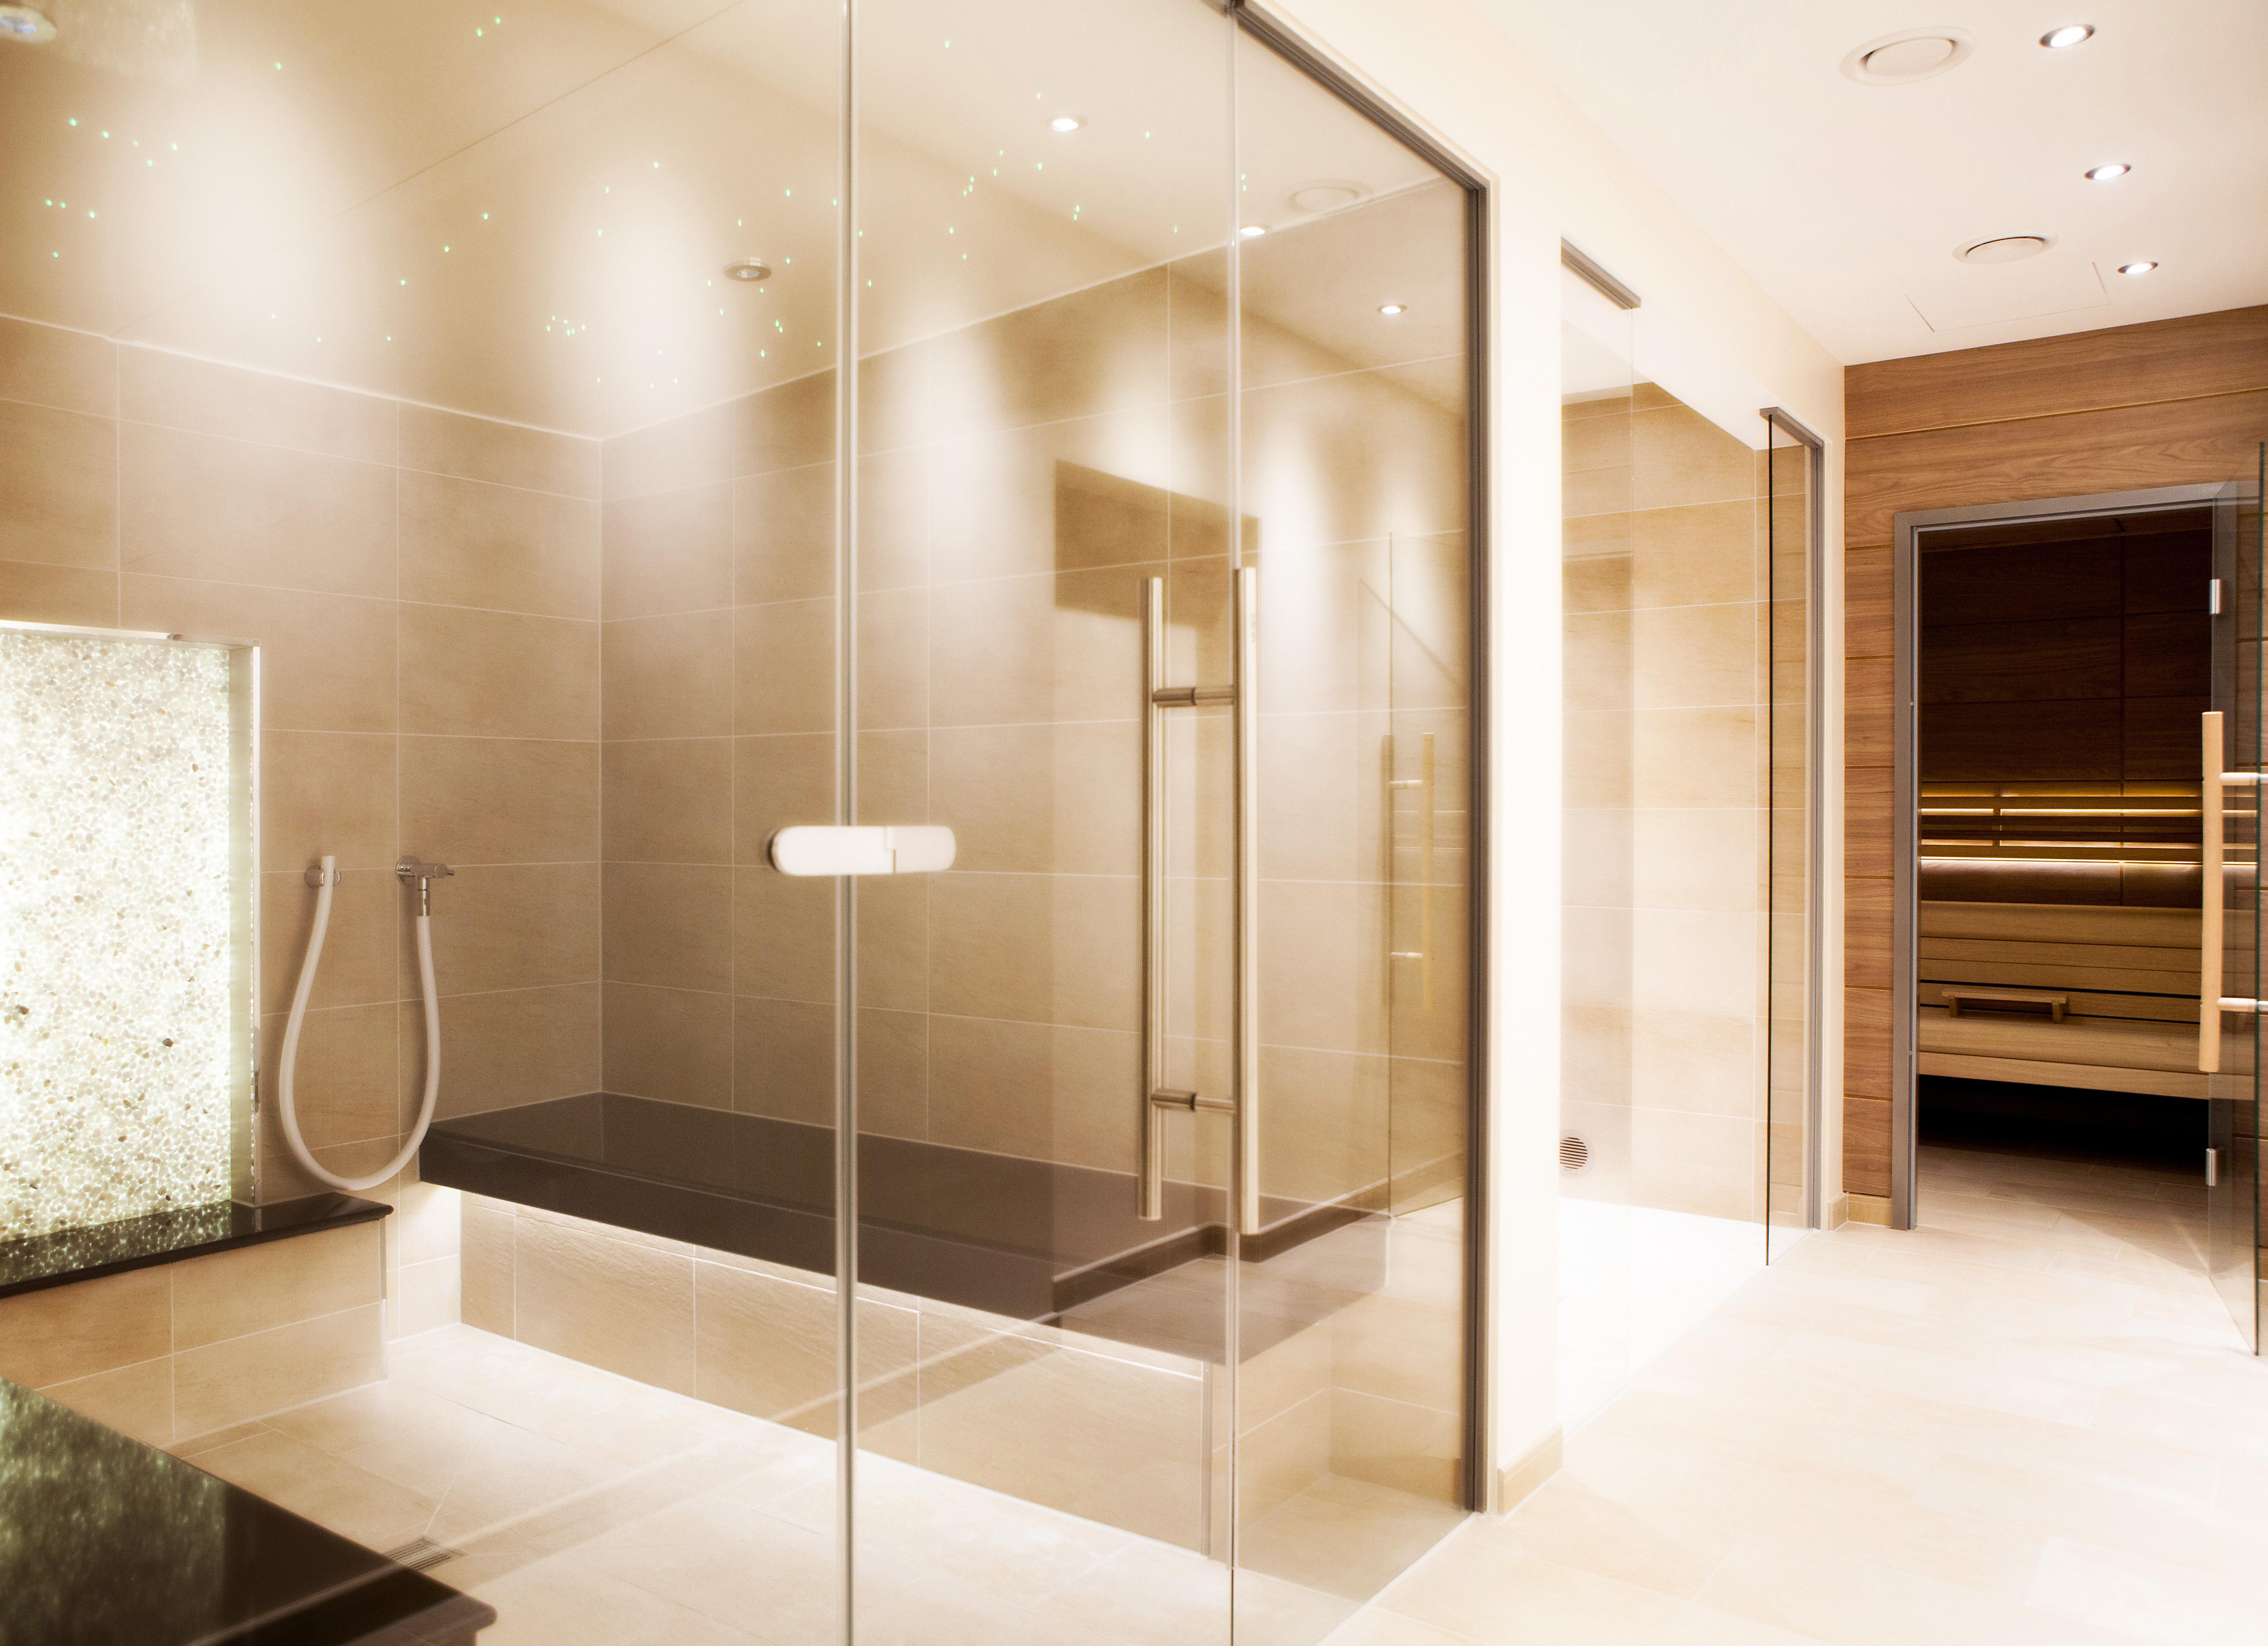 Zu Zweit können Sie in der Sauna relaxen / Bildhinweis: © Wellnesshotel in Hadamar; beauty24 GmbH